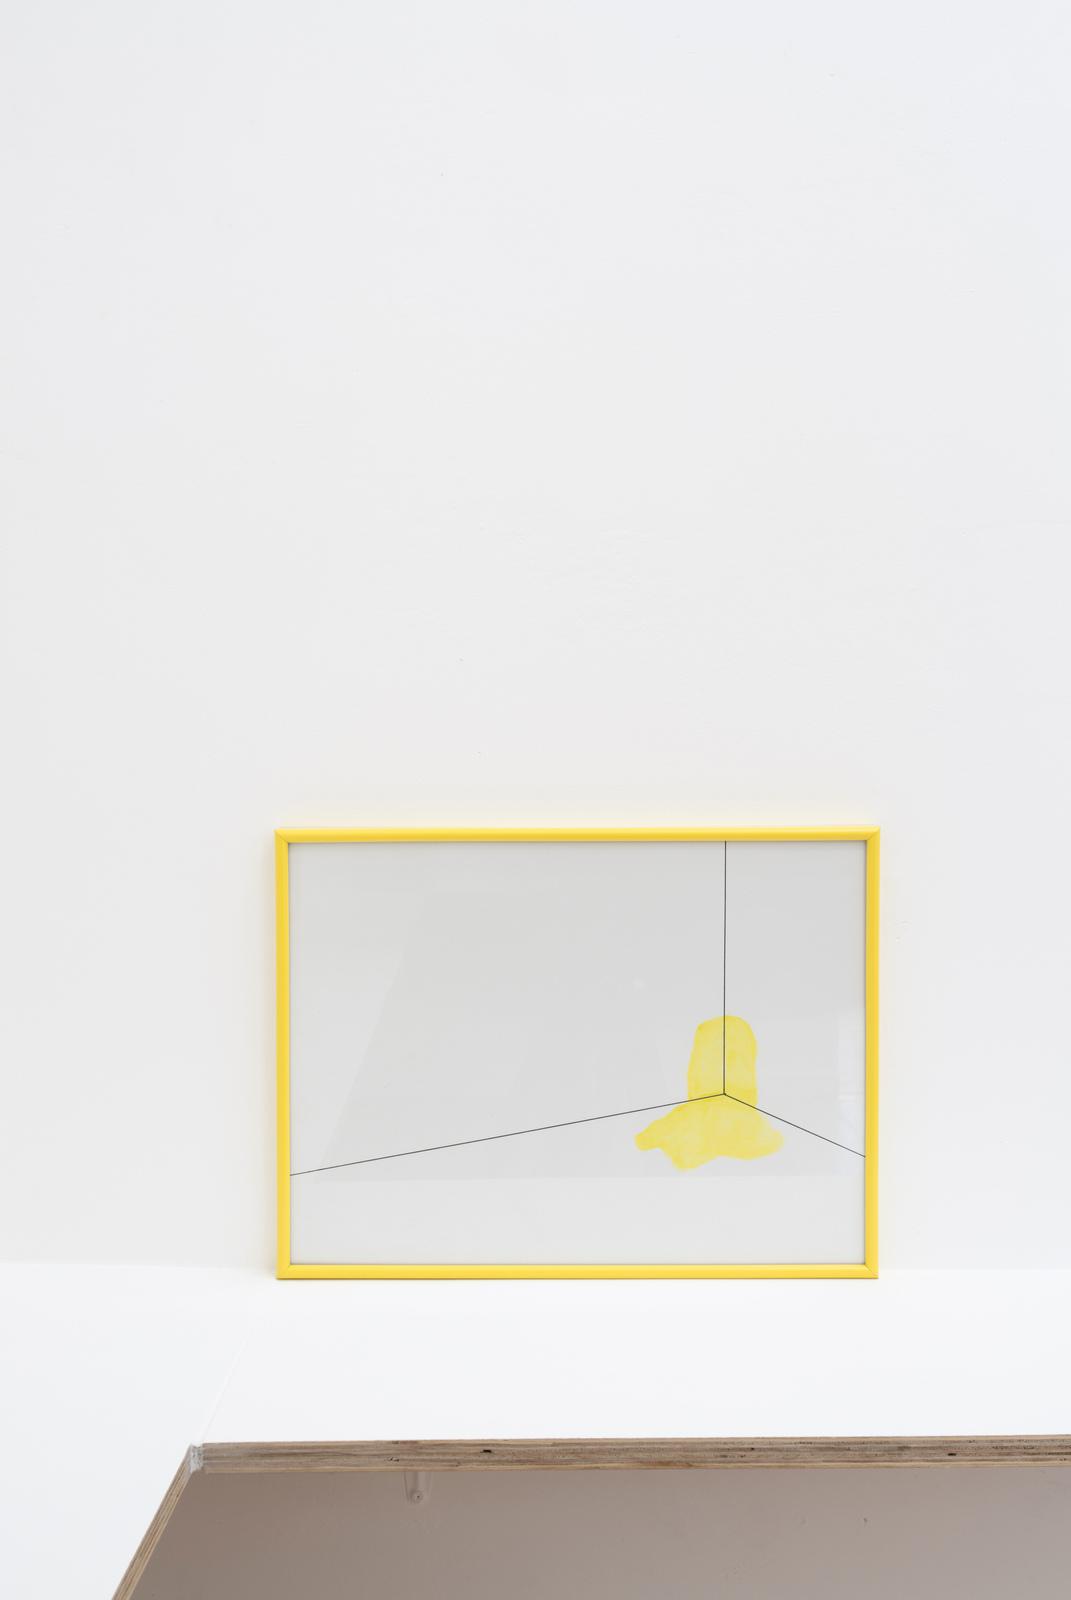 Gerard Herman, Braaf Qua Jongen, trampoline, 2016.12 37